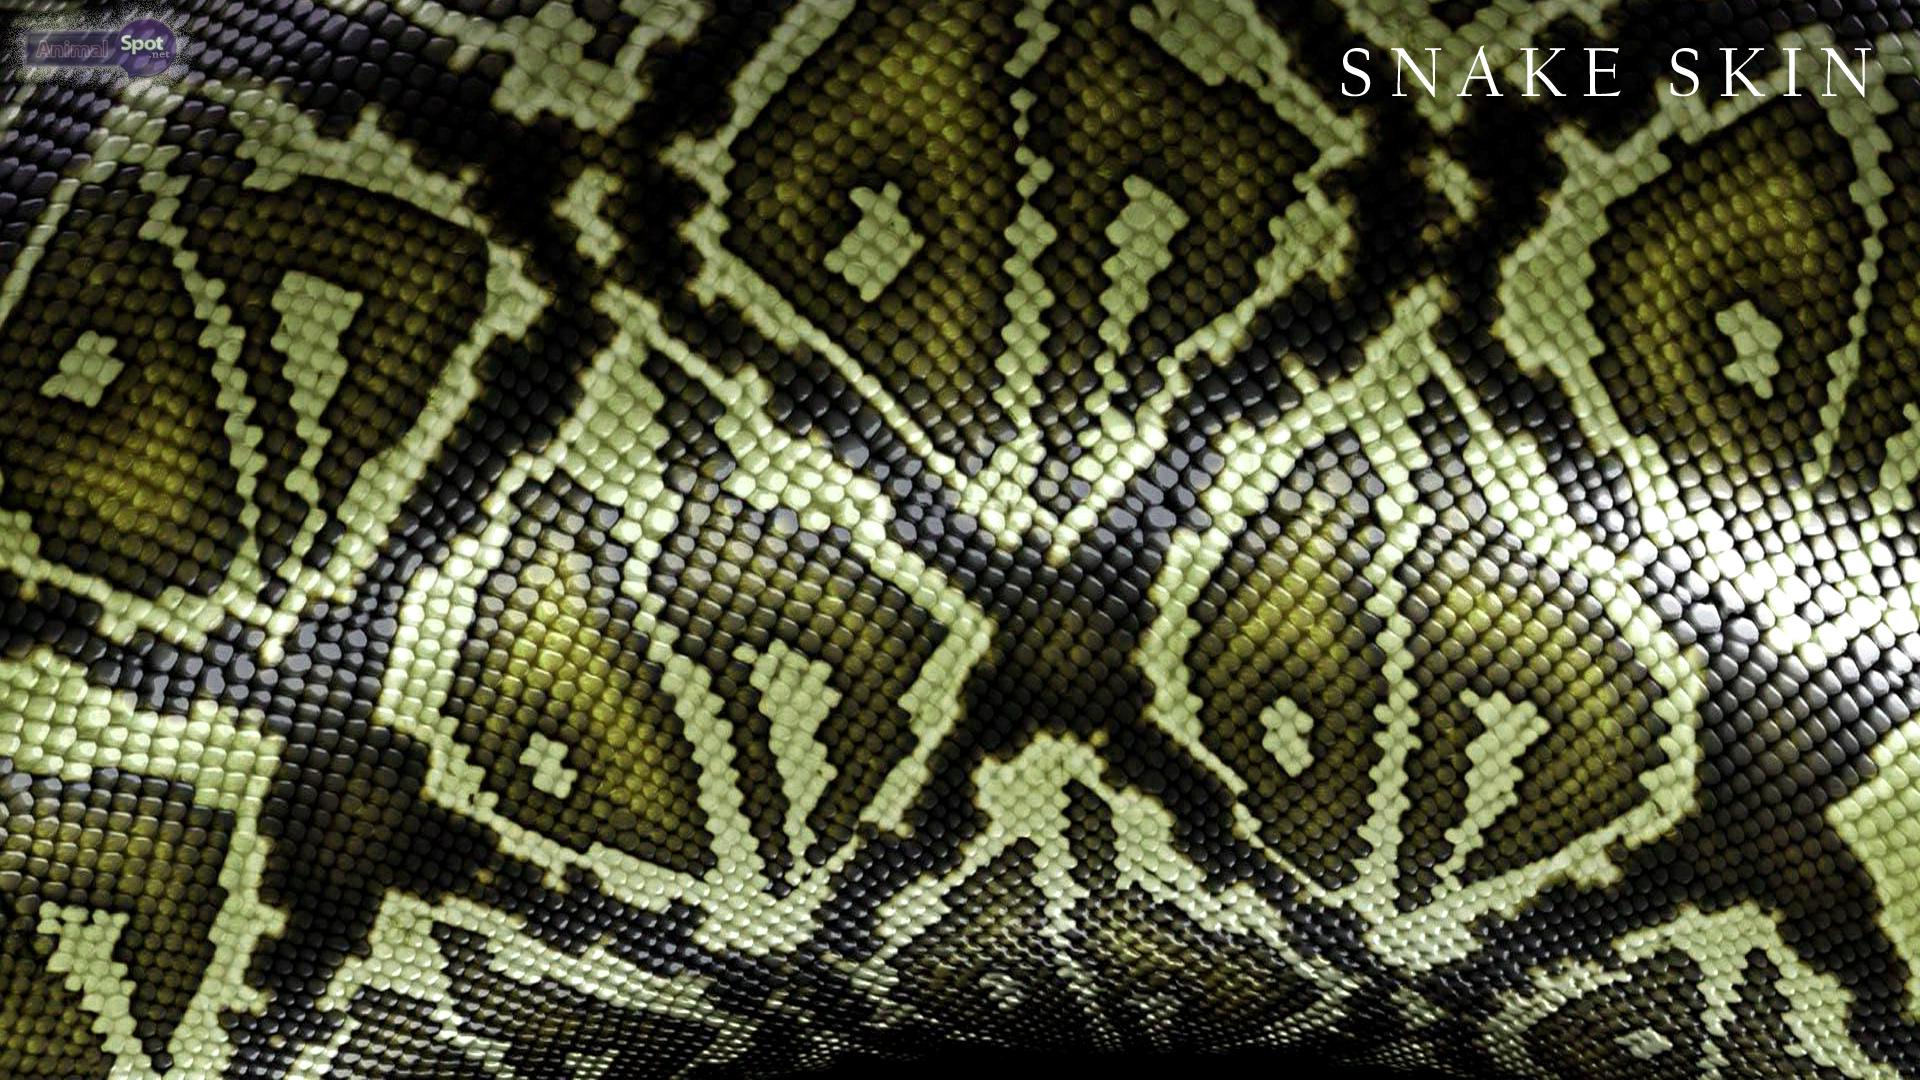 snake skin wallpaper snake skin wallpapers snake wallpaper snake 1920x1080